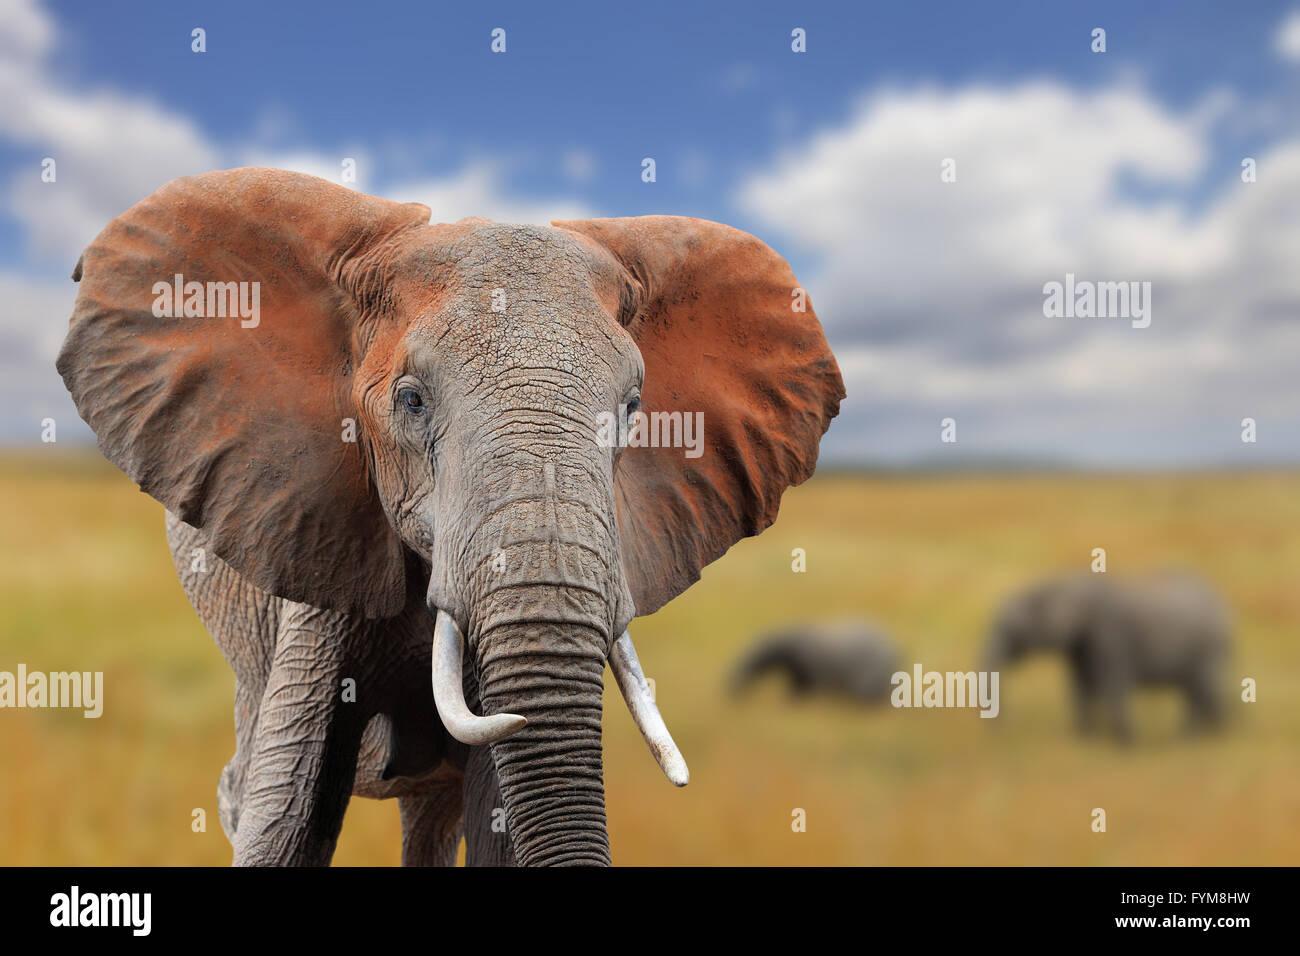 Elefante su Savannah in Africa, il parco nazionale del Kenya Immagini Stock